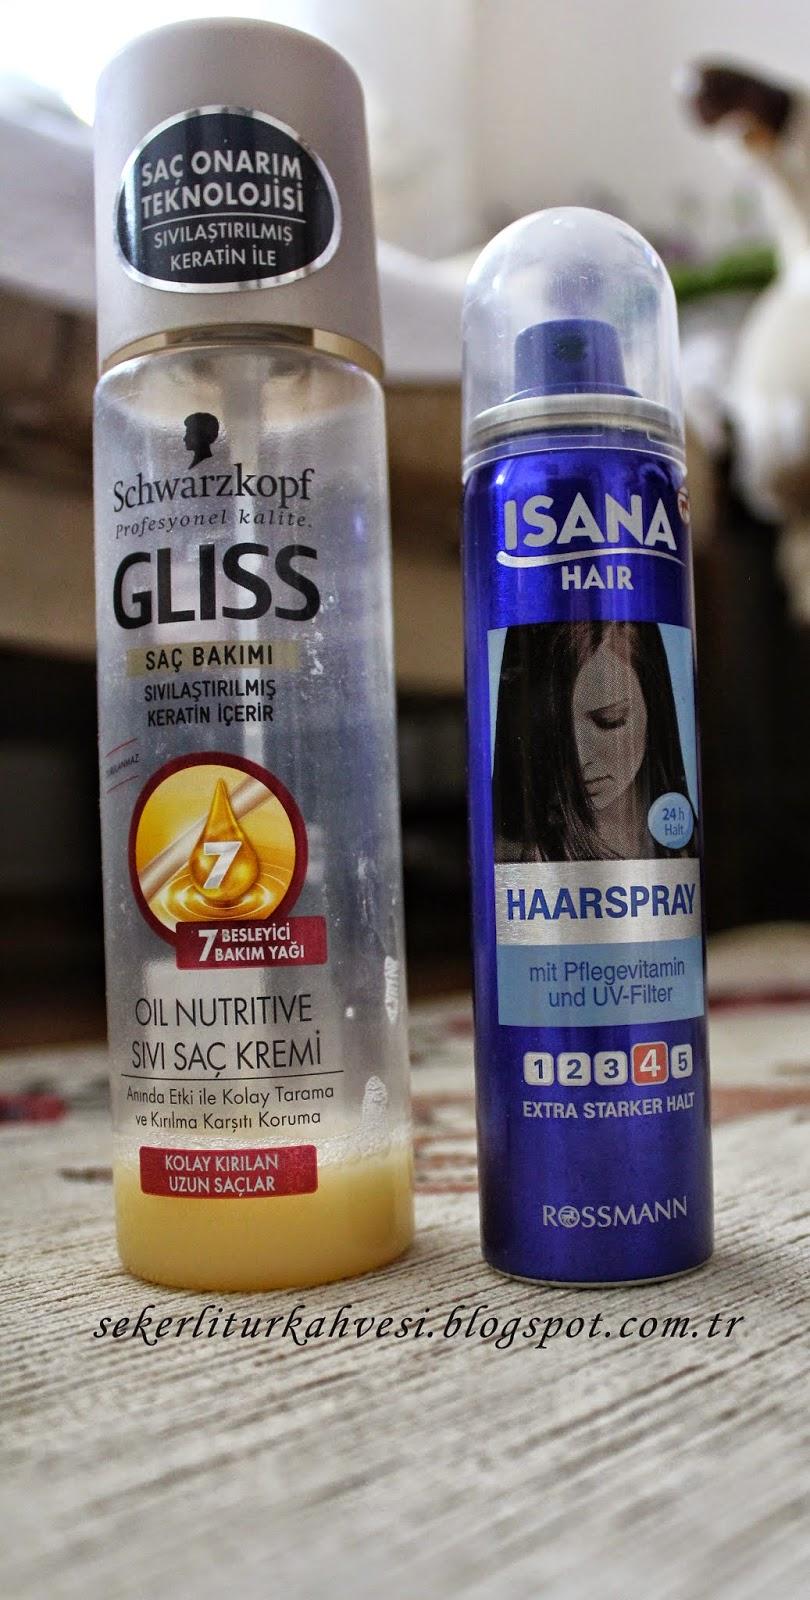 Gliss ve Isana